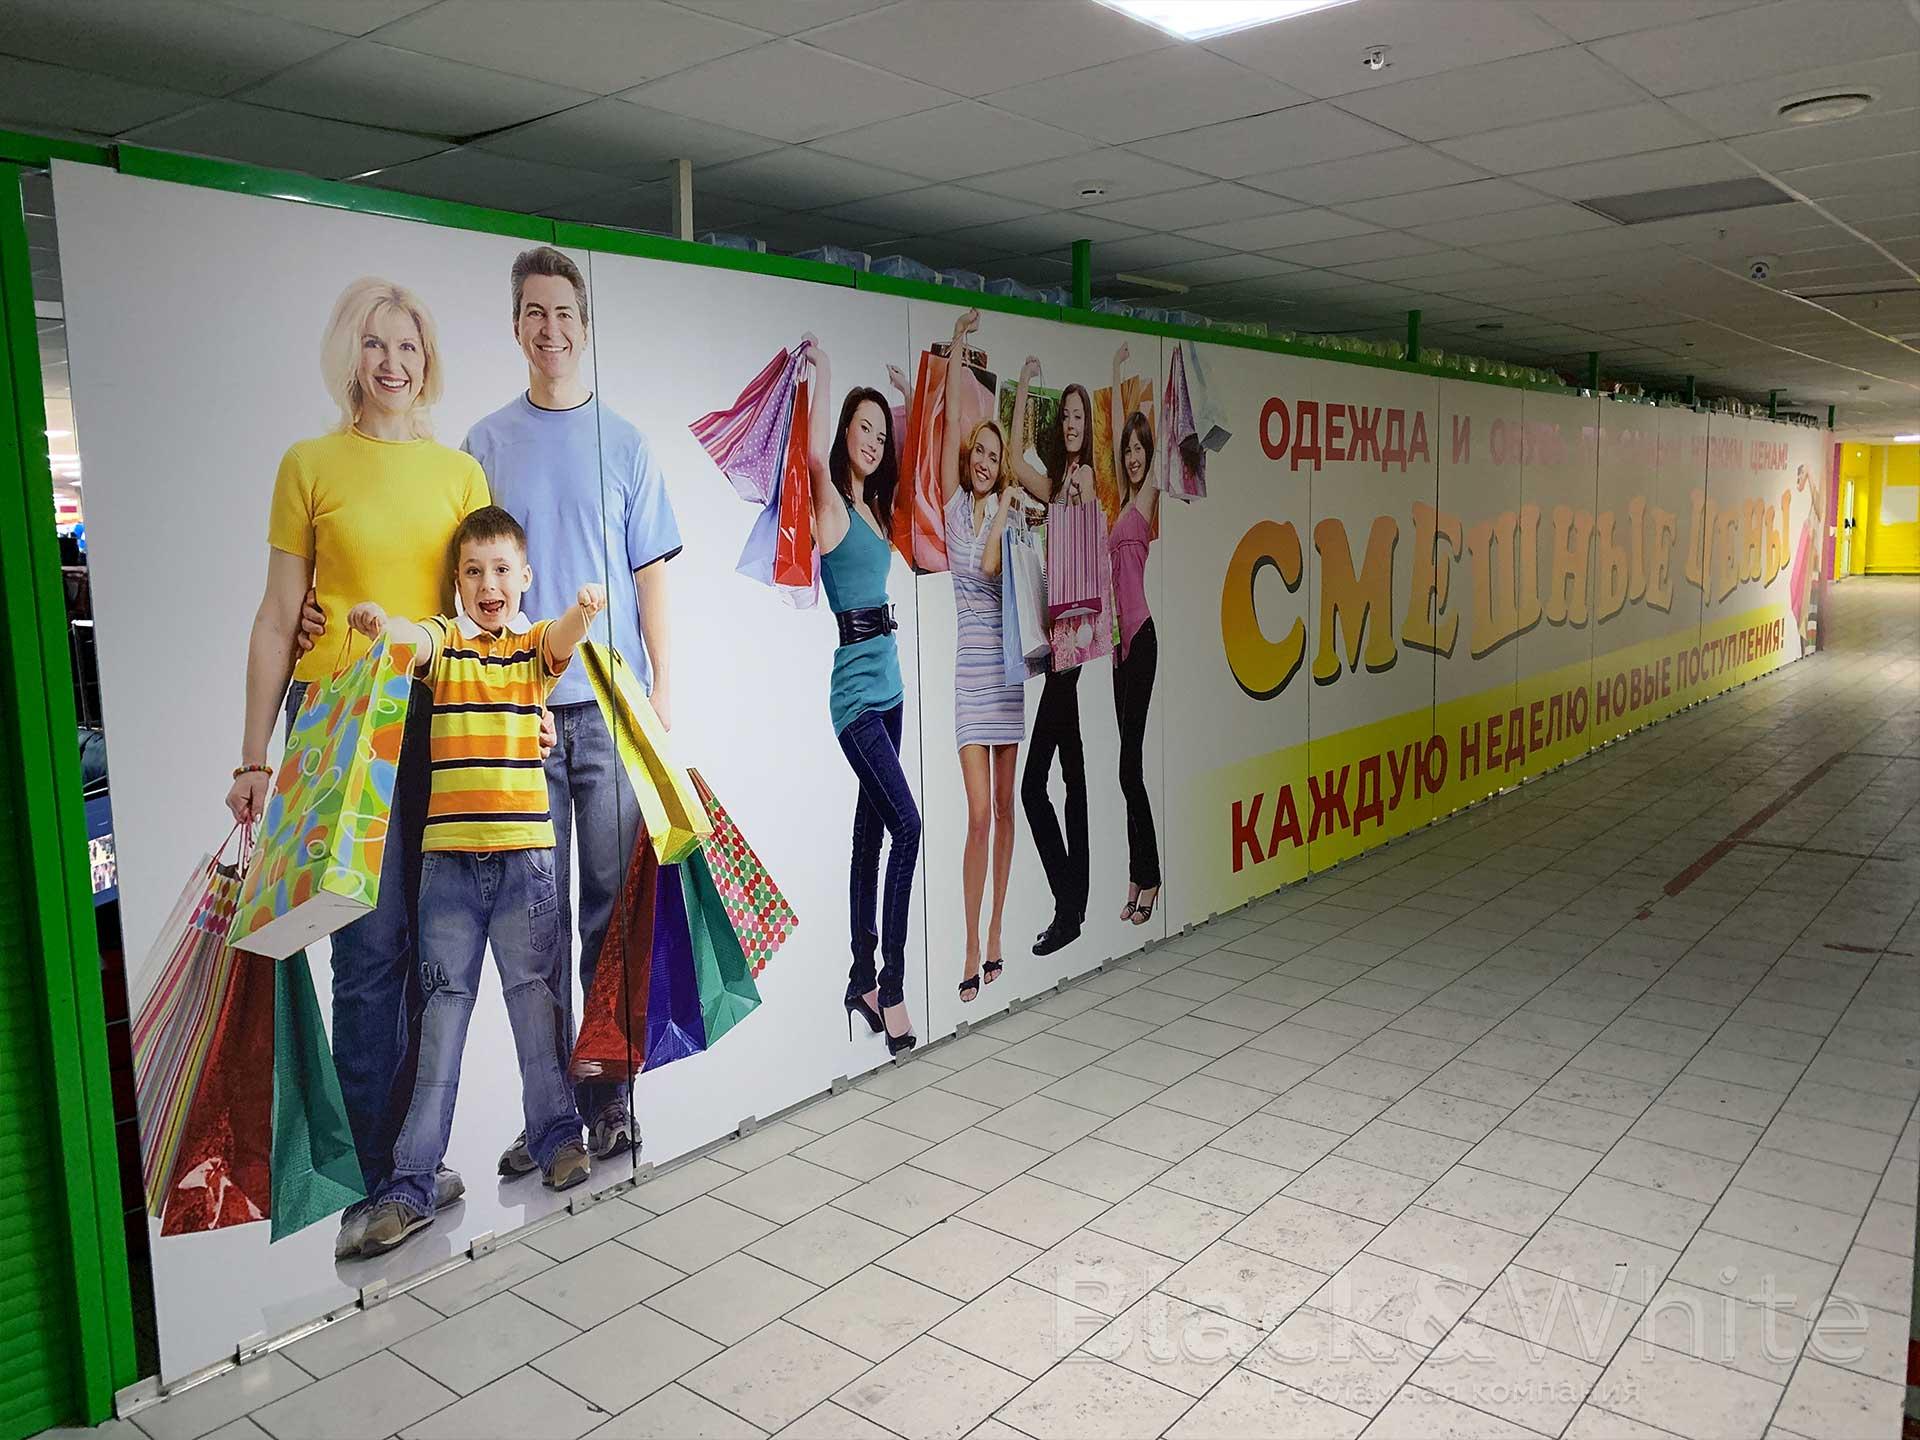 Оклейка-плёнкой-витрин-плёнка-с-ресламой-на-стекле-изготовление-в-Красноярске-..jpg